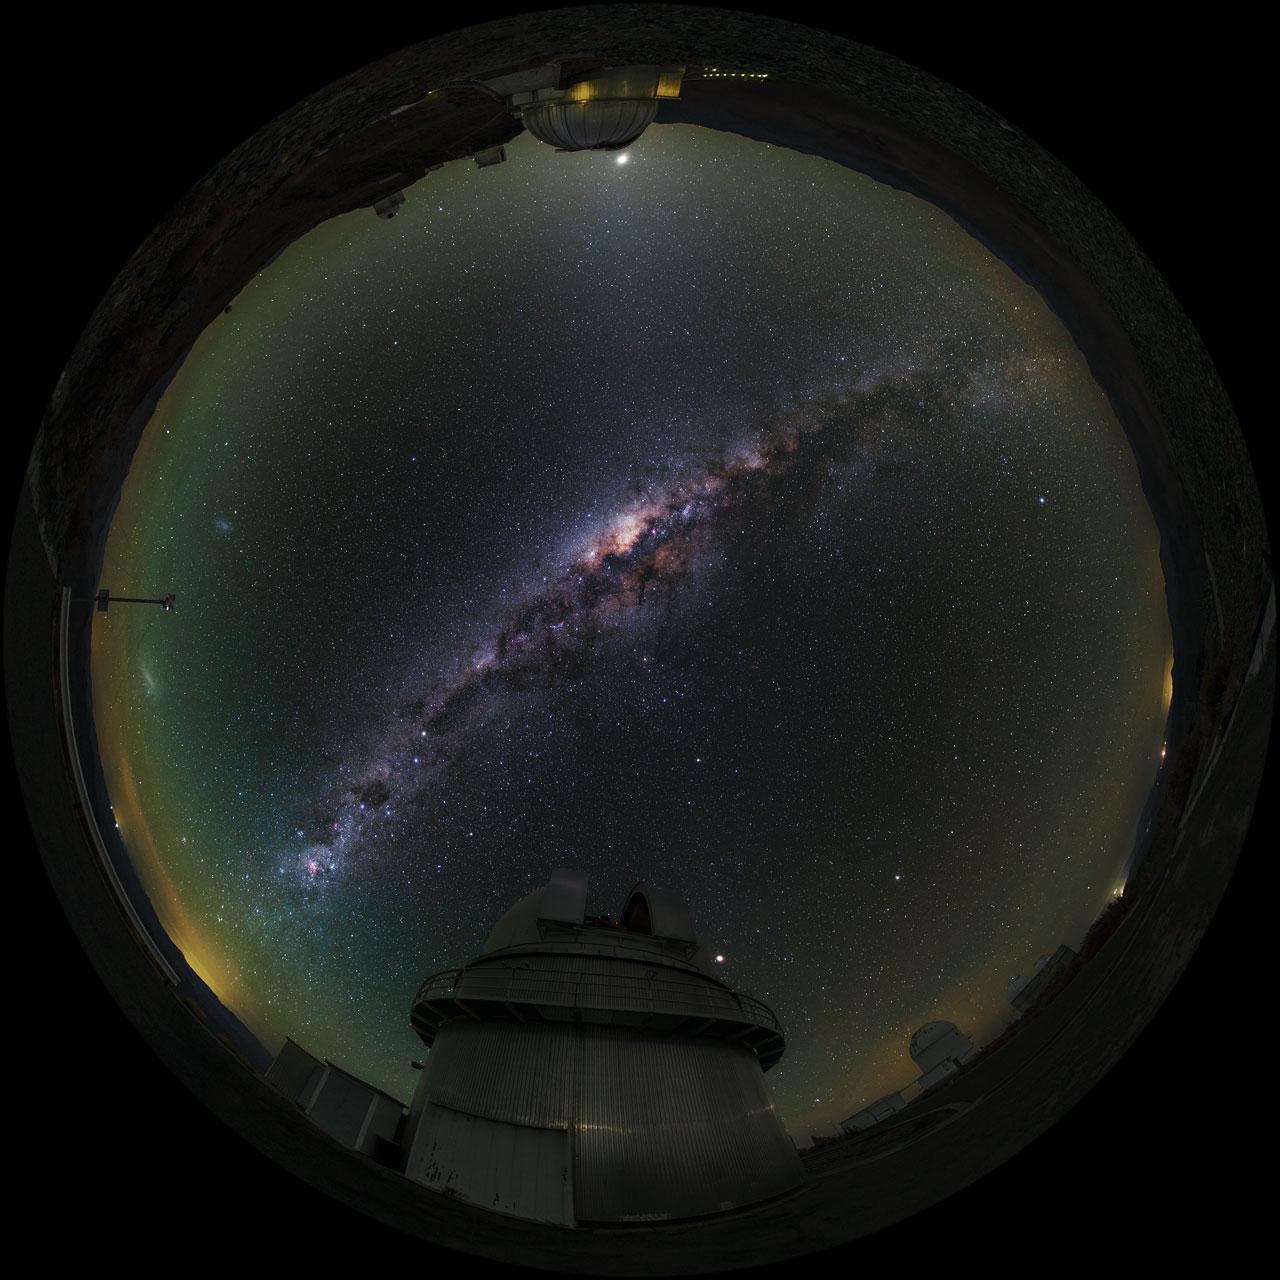 Fish-Eye View of La Silla Telescopes Shown in UHD